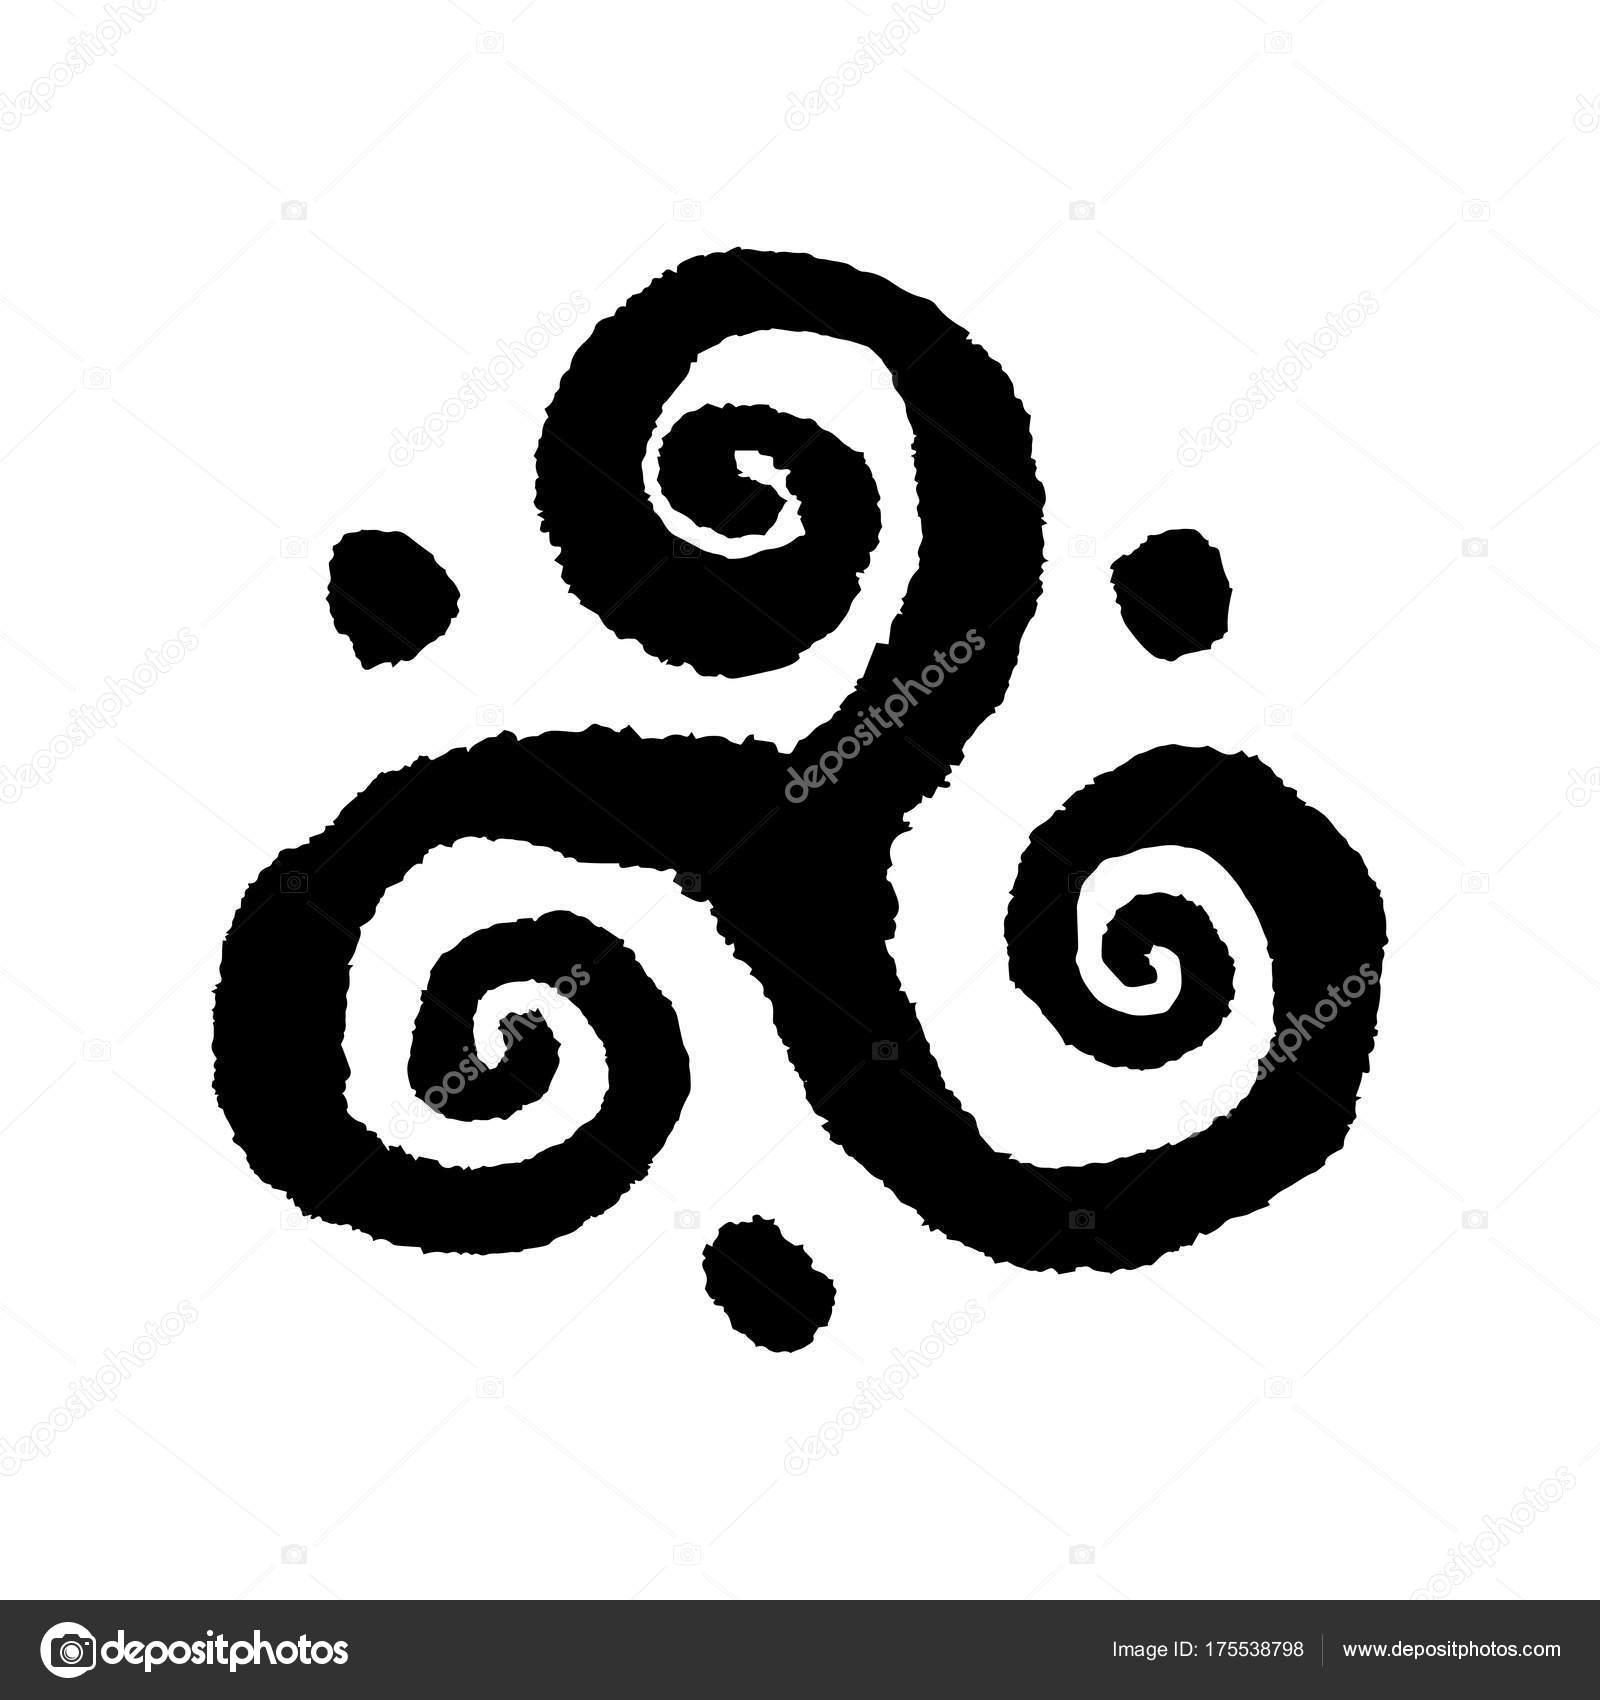 Triskele Buddhistische Dreifache Spirale Symbol Handgemachte Vektor